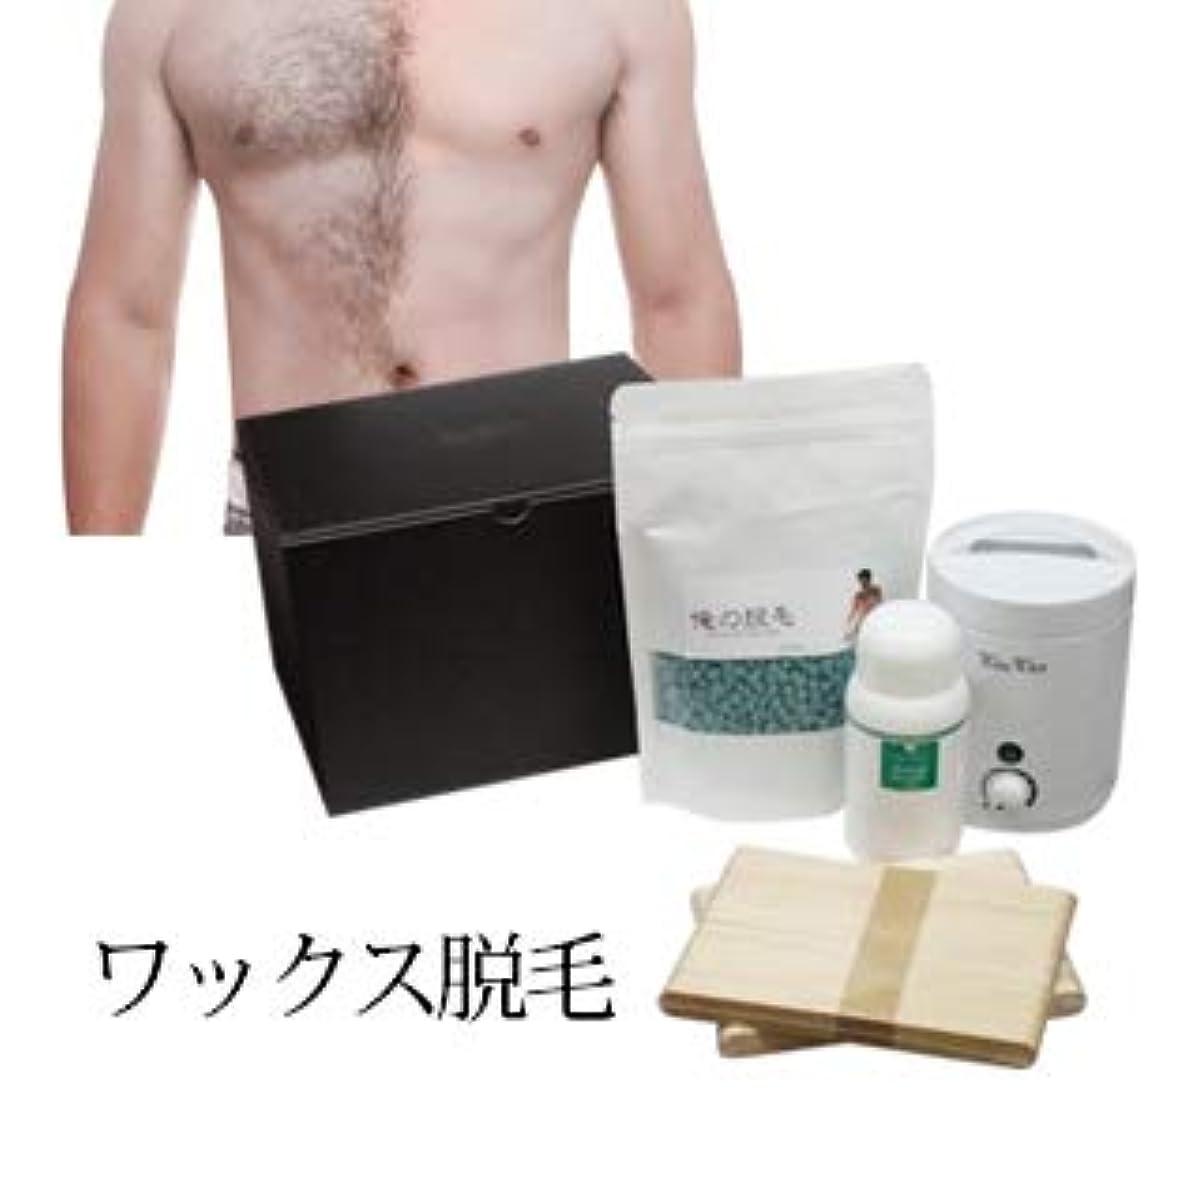 たるみ転送特派員【メンズ 俺の脱毛】WaxWax ワックス脱毛キット